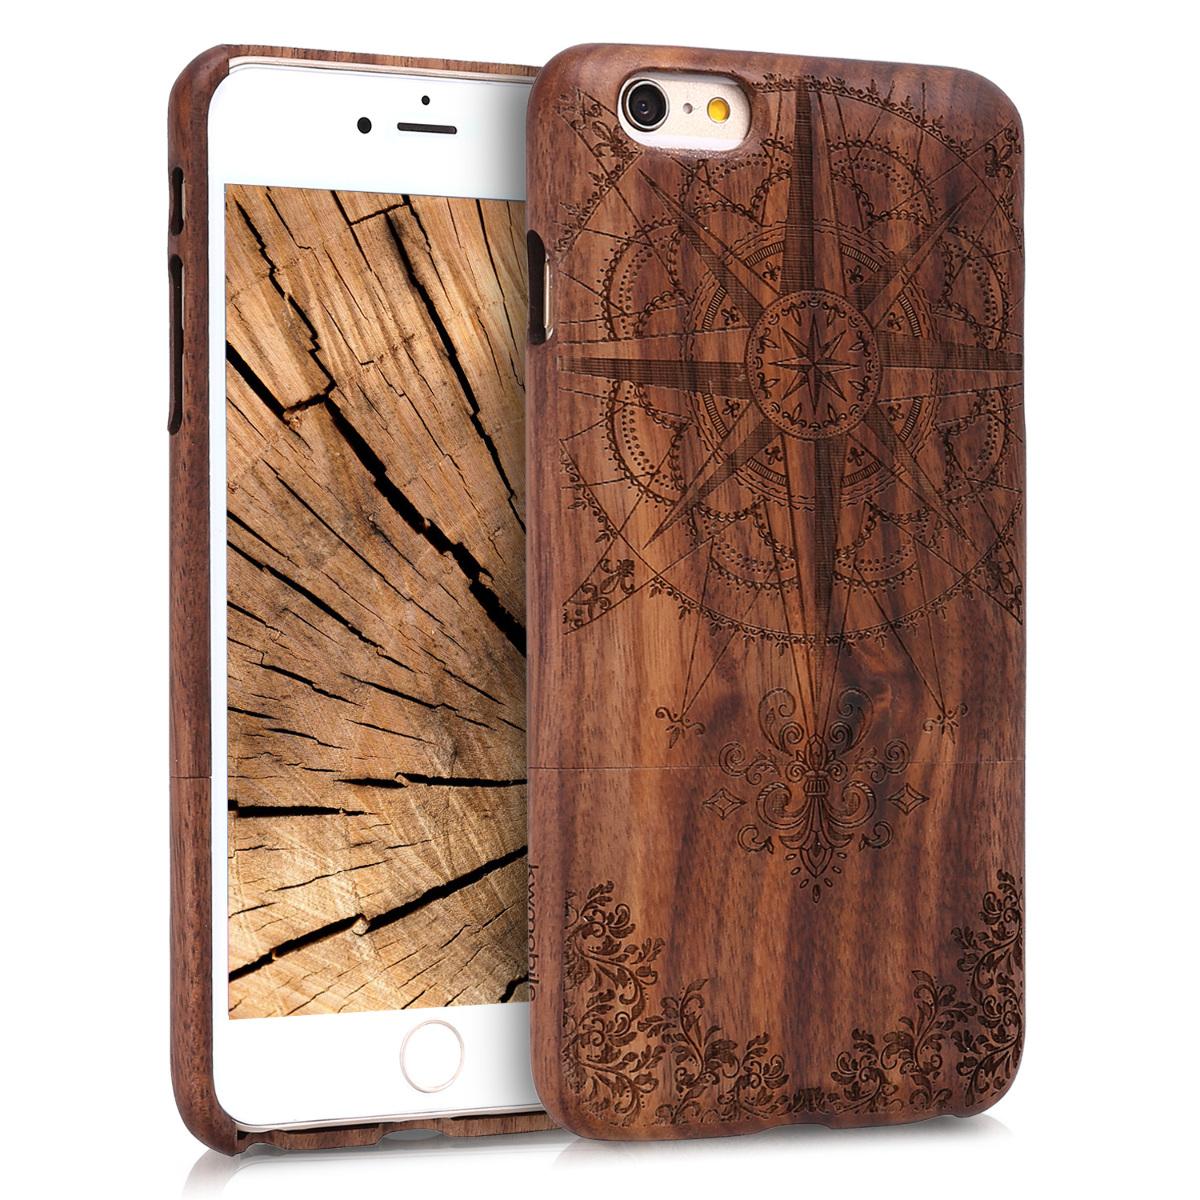 KW Σκληρή Ξύλινη Θήκη iPhone 6 Plus / 6S Plus (45130.01)